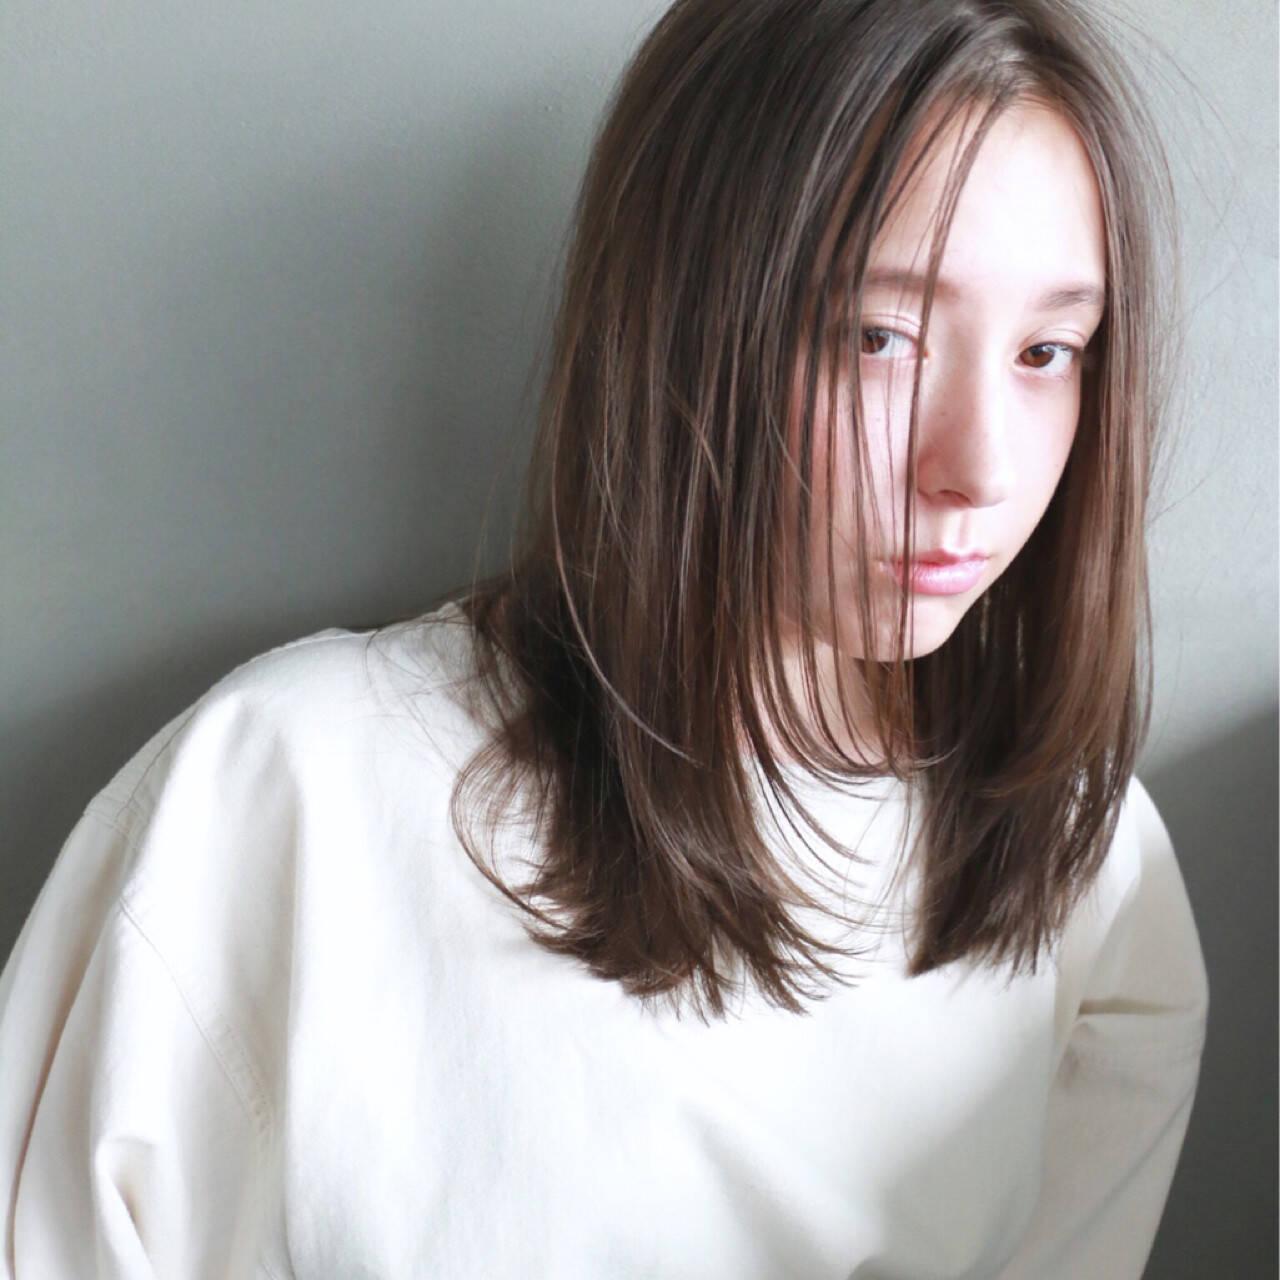 ストレート フレンチセピアアッシュ ミディアム ナチュラルヘアスタイルや髪型の写真・画像